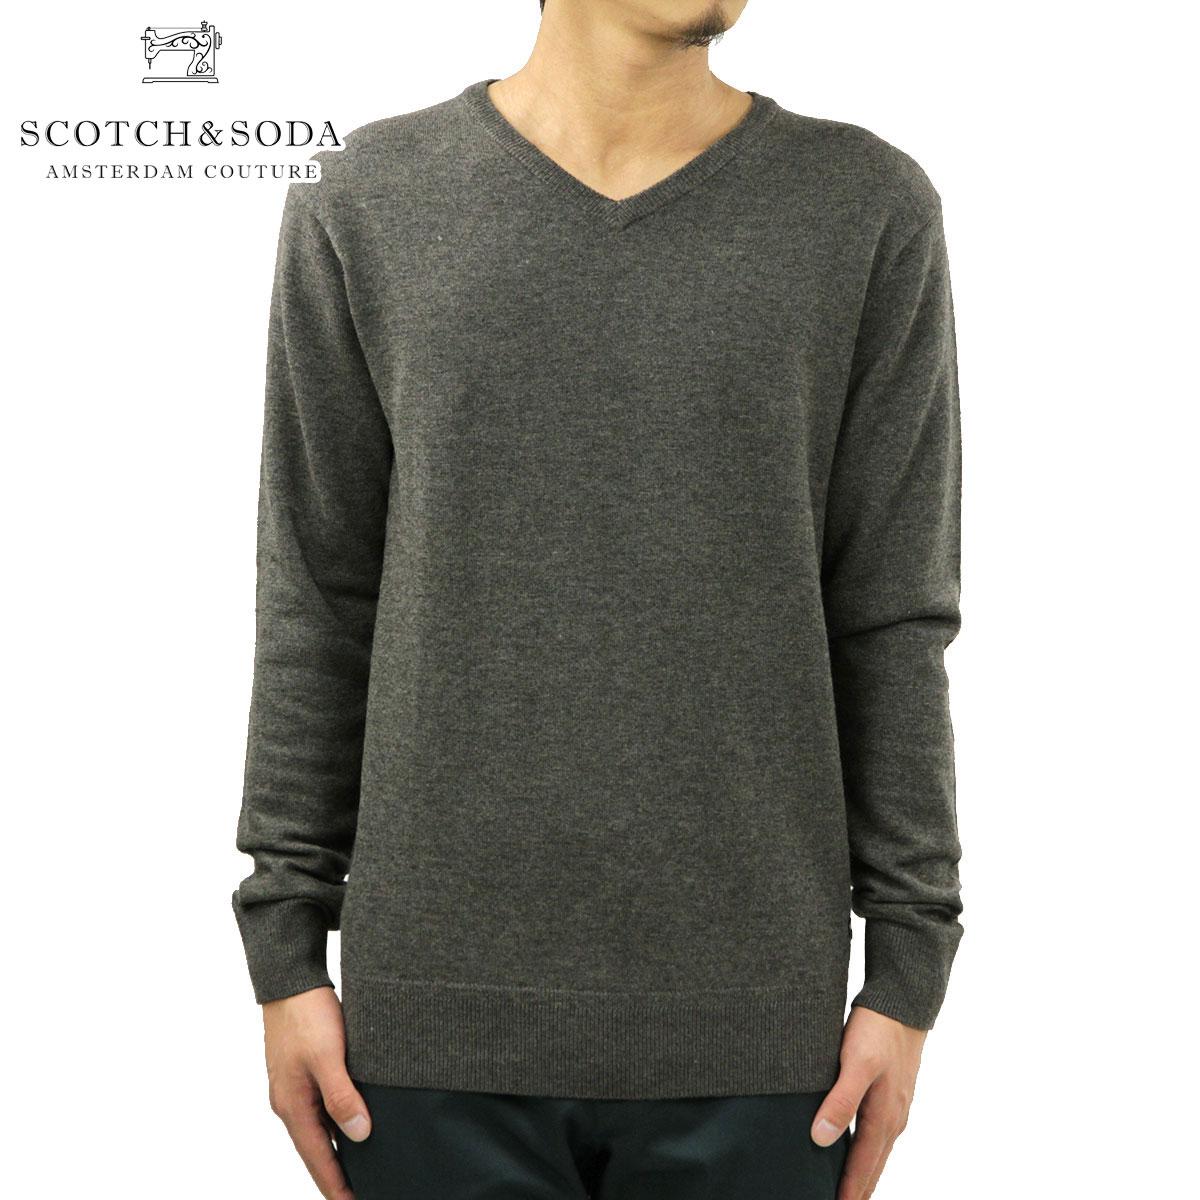 スコッチアンドソーダ SCOTCH&SODA 正規販売店 メンズ セーター CLASSIC V-NECK PULL 60031 150 D00S20